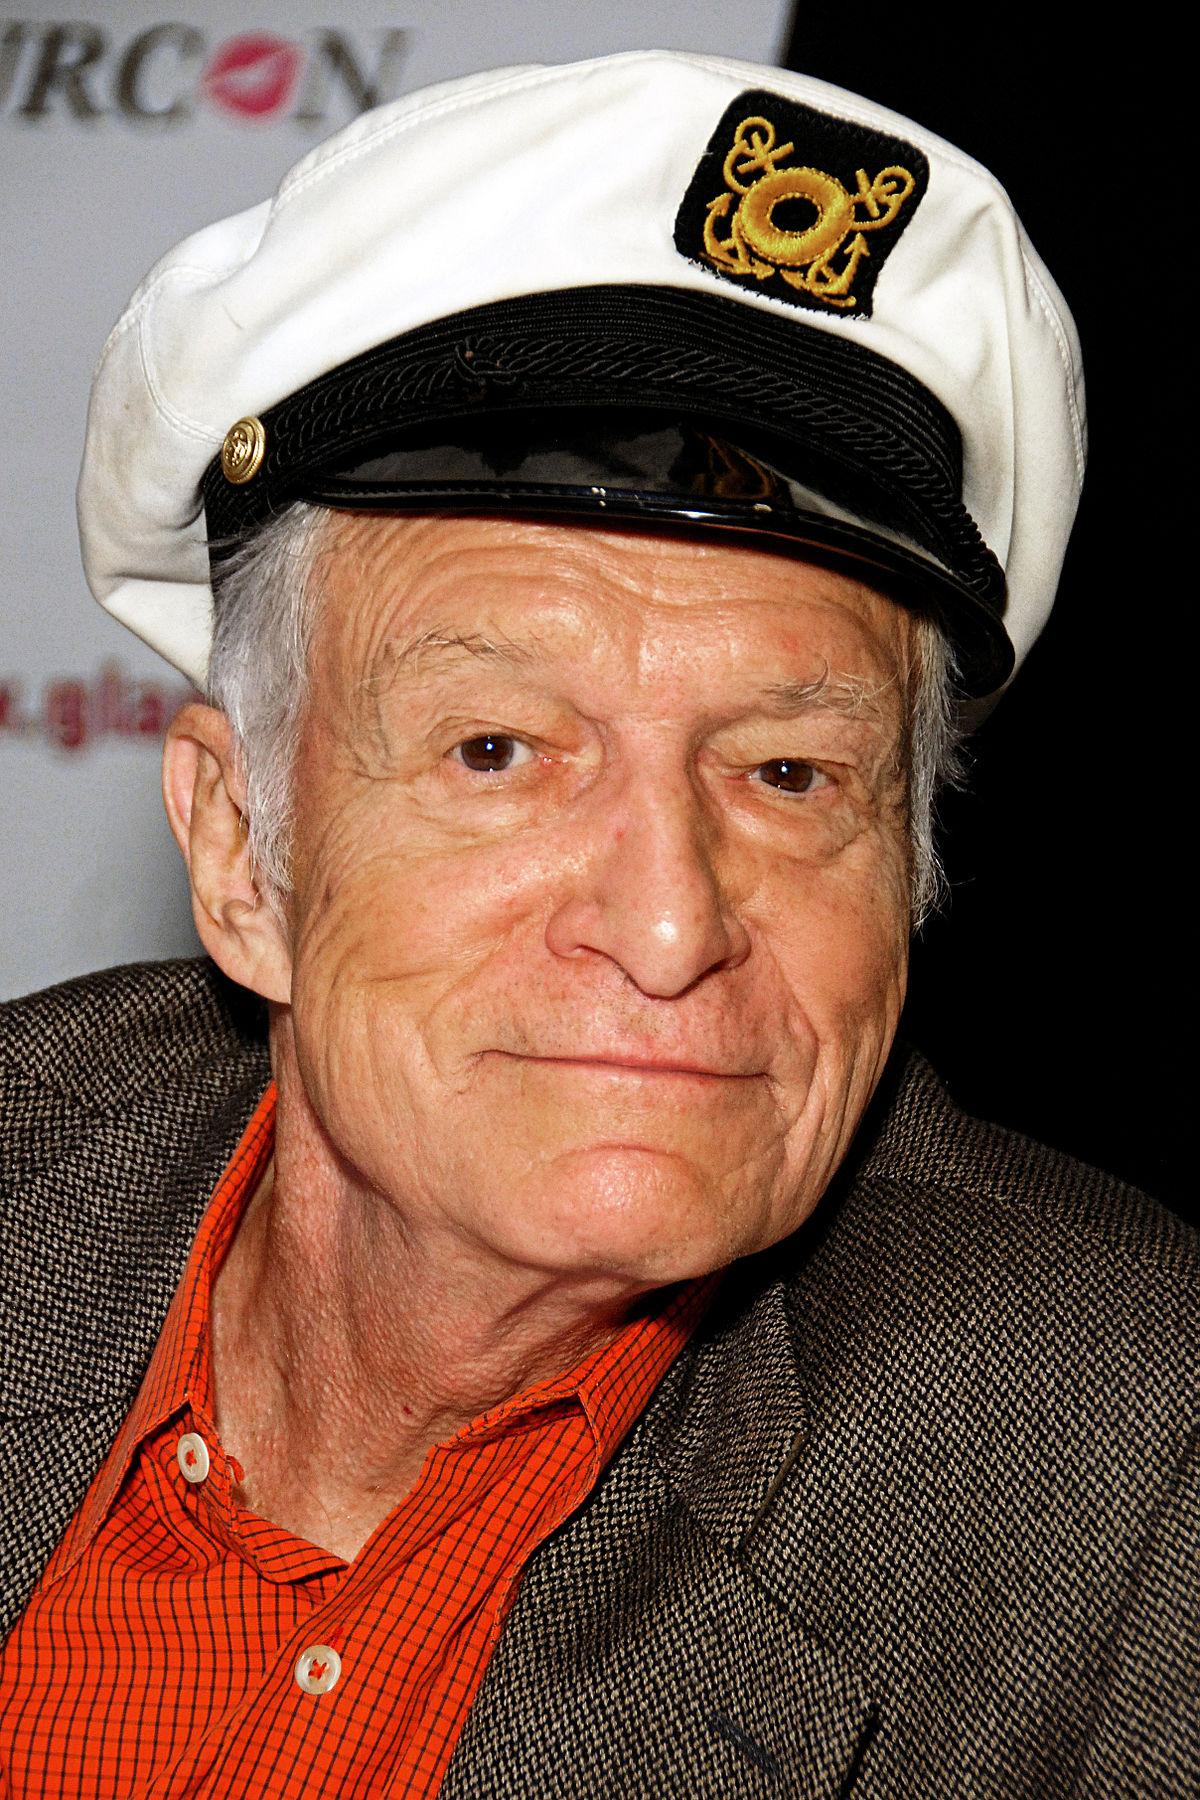 De muerte natural y a los 91 años de edad, falleció Hugh Hefner